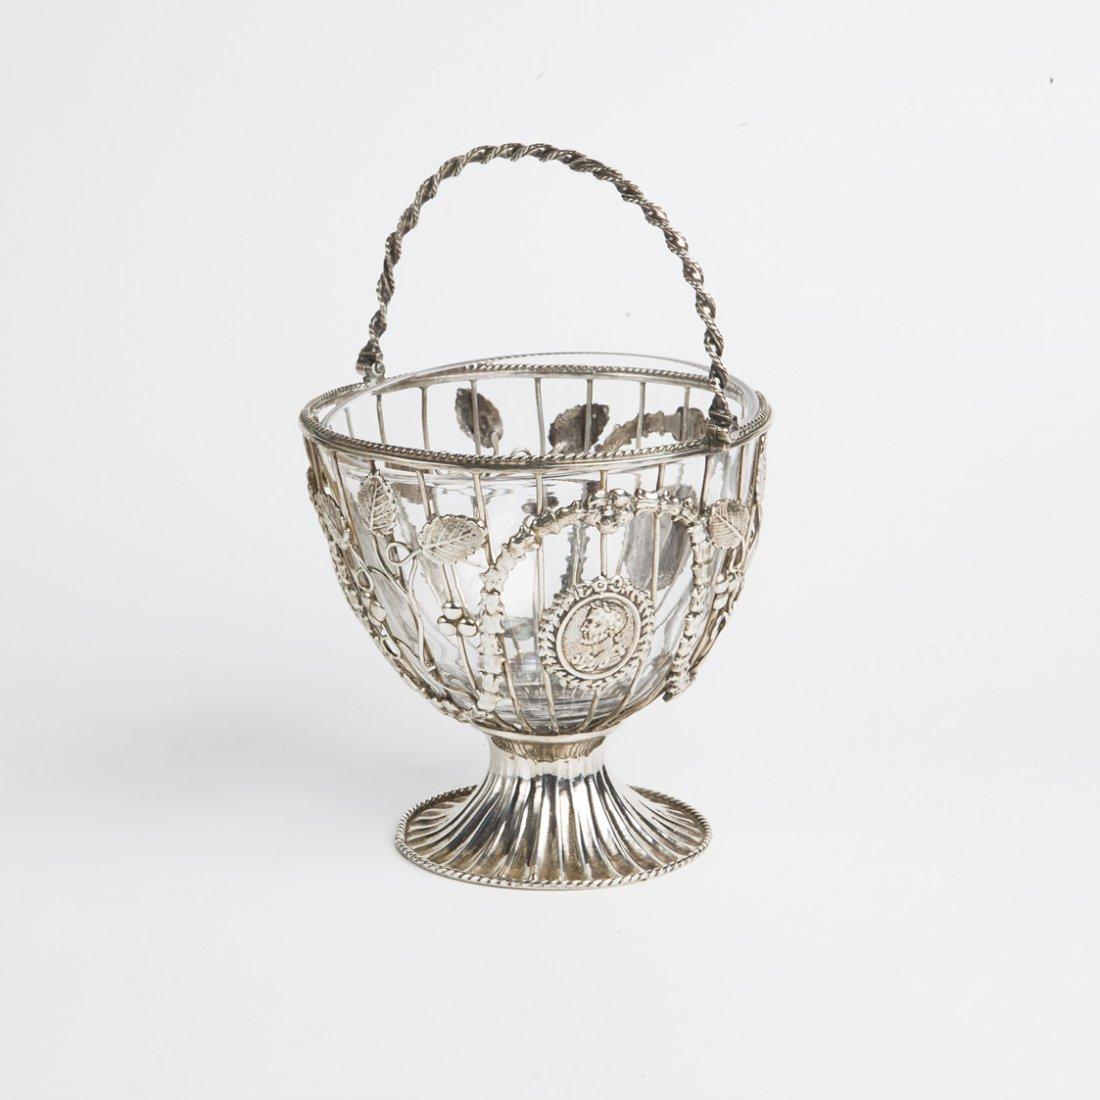 Cestino in argento, Londra 1859, proveniente dalla coll